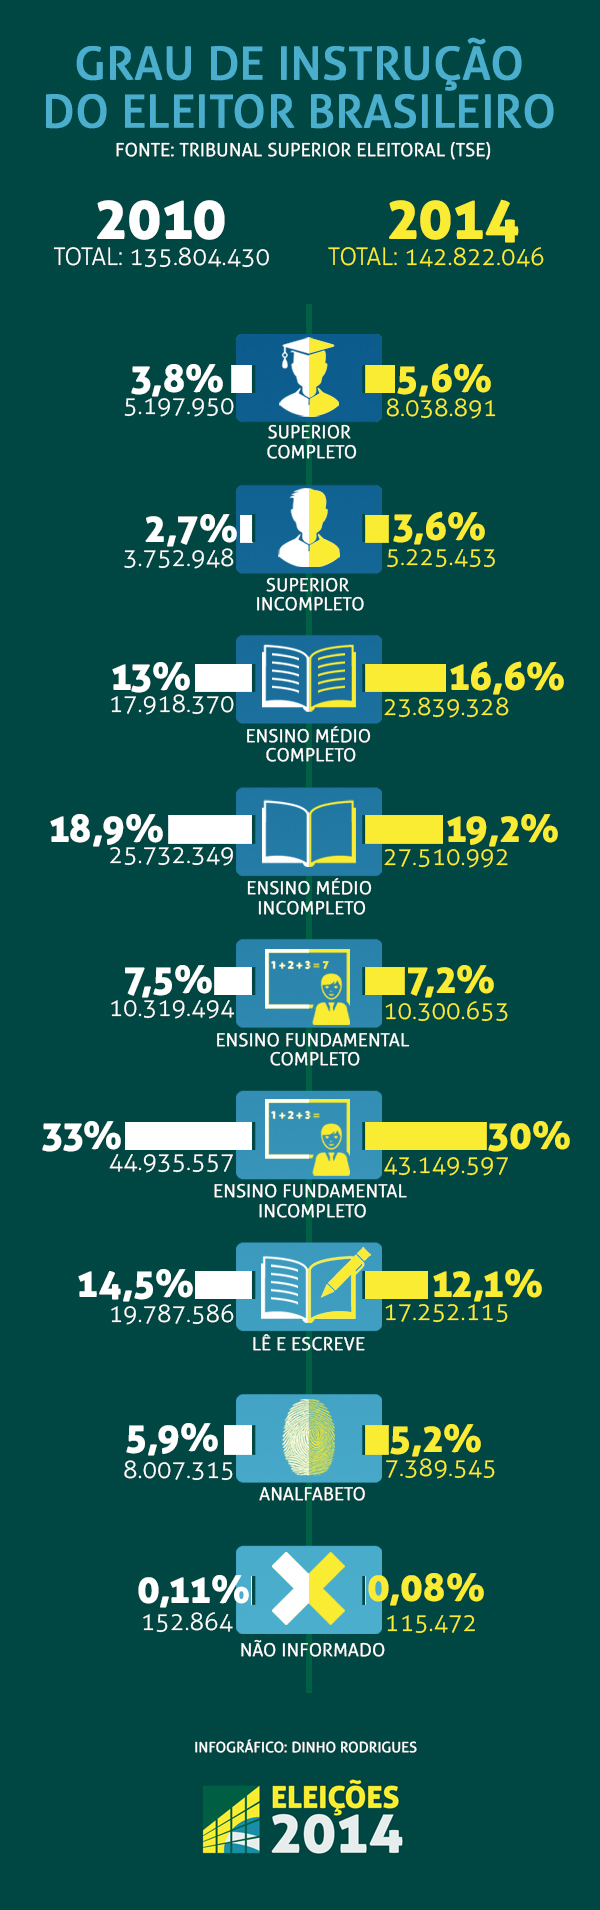 grau_de_instrucao_do_eleitor